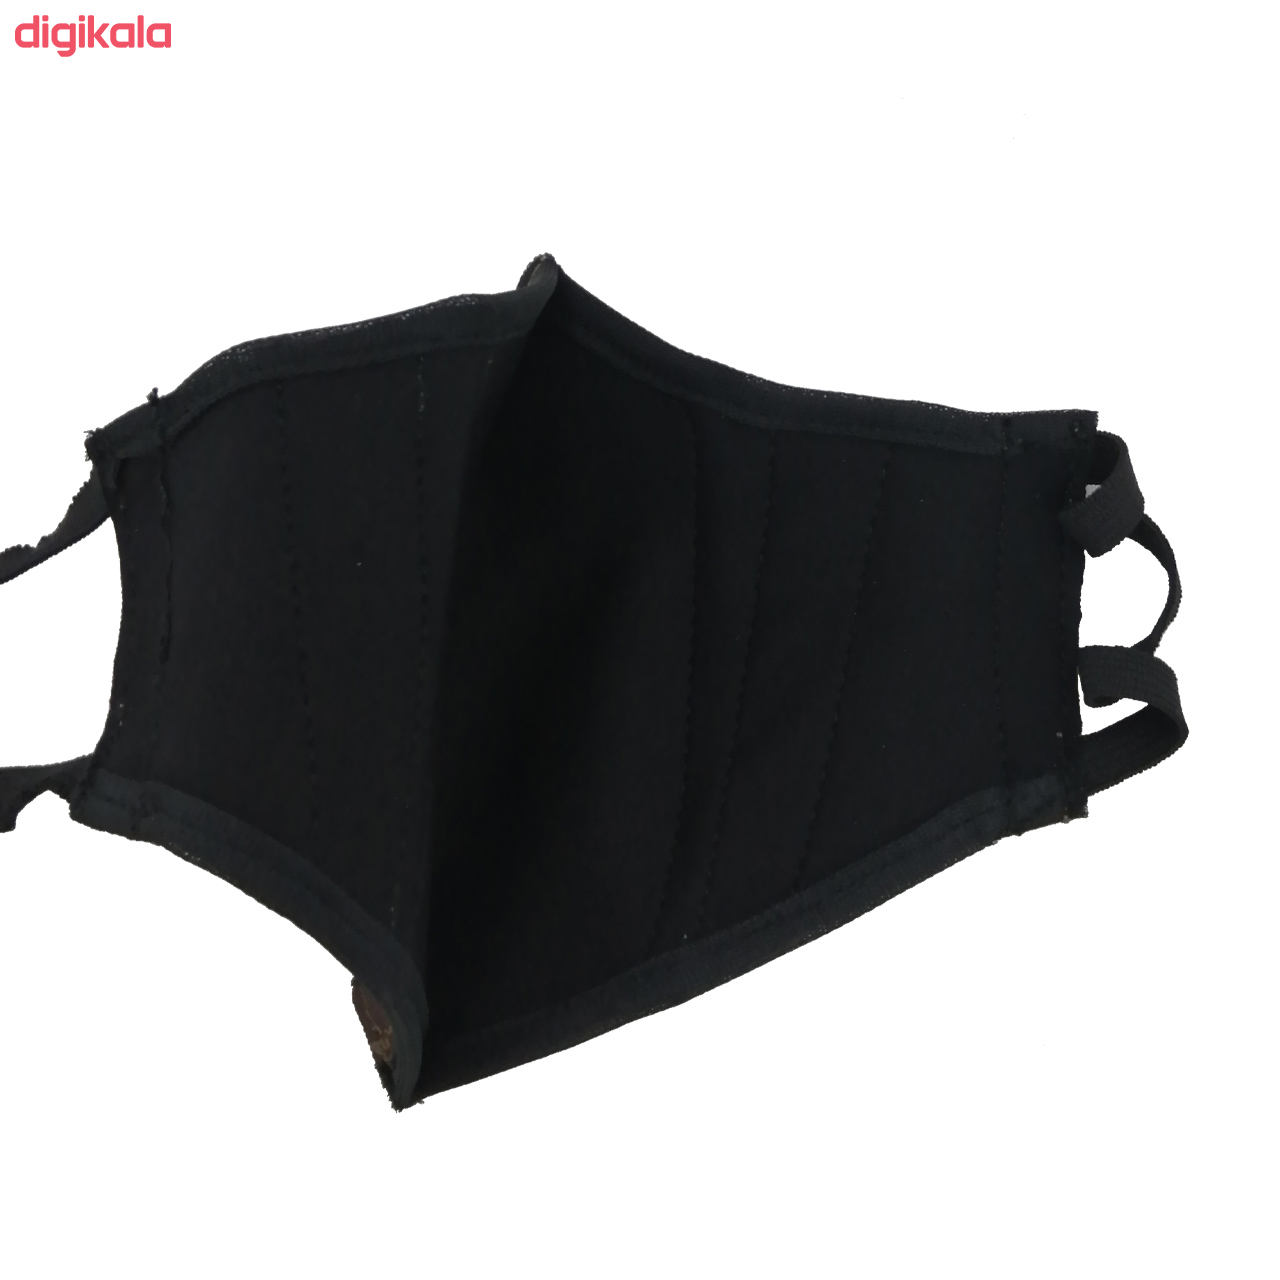 ماسک تزیینی مدل mrs2050 main 1 5